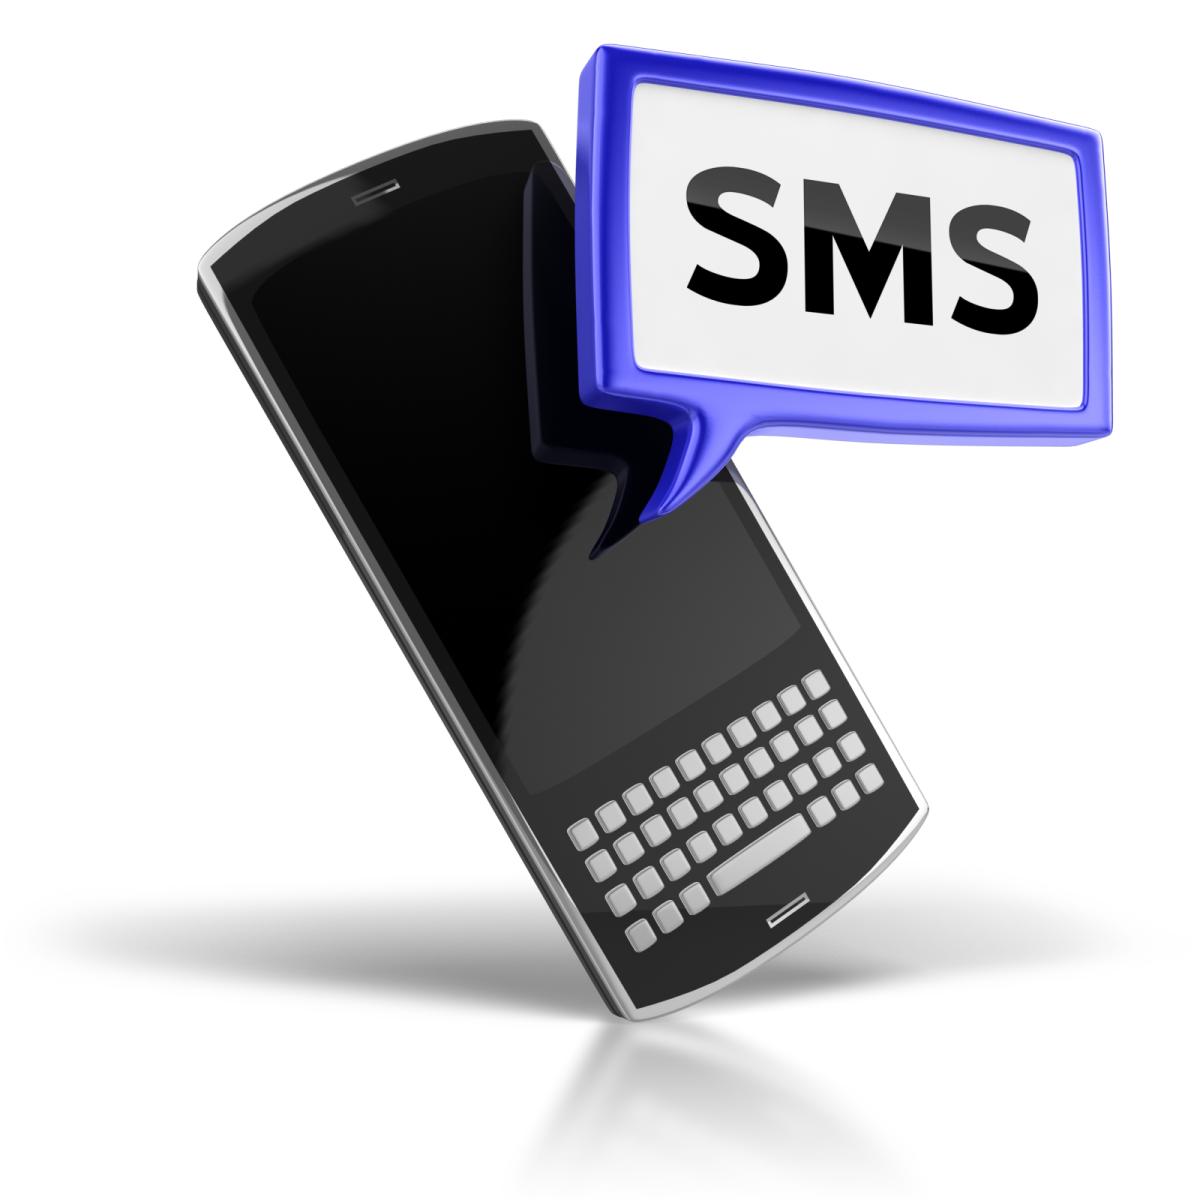 Mua thẻ cào Mobifone bằng SMS